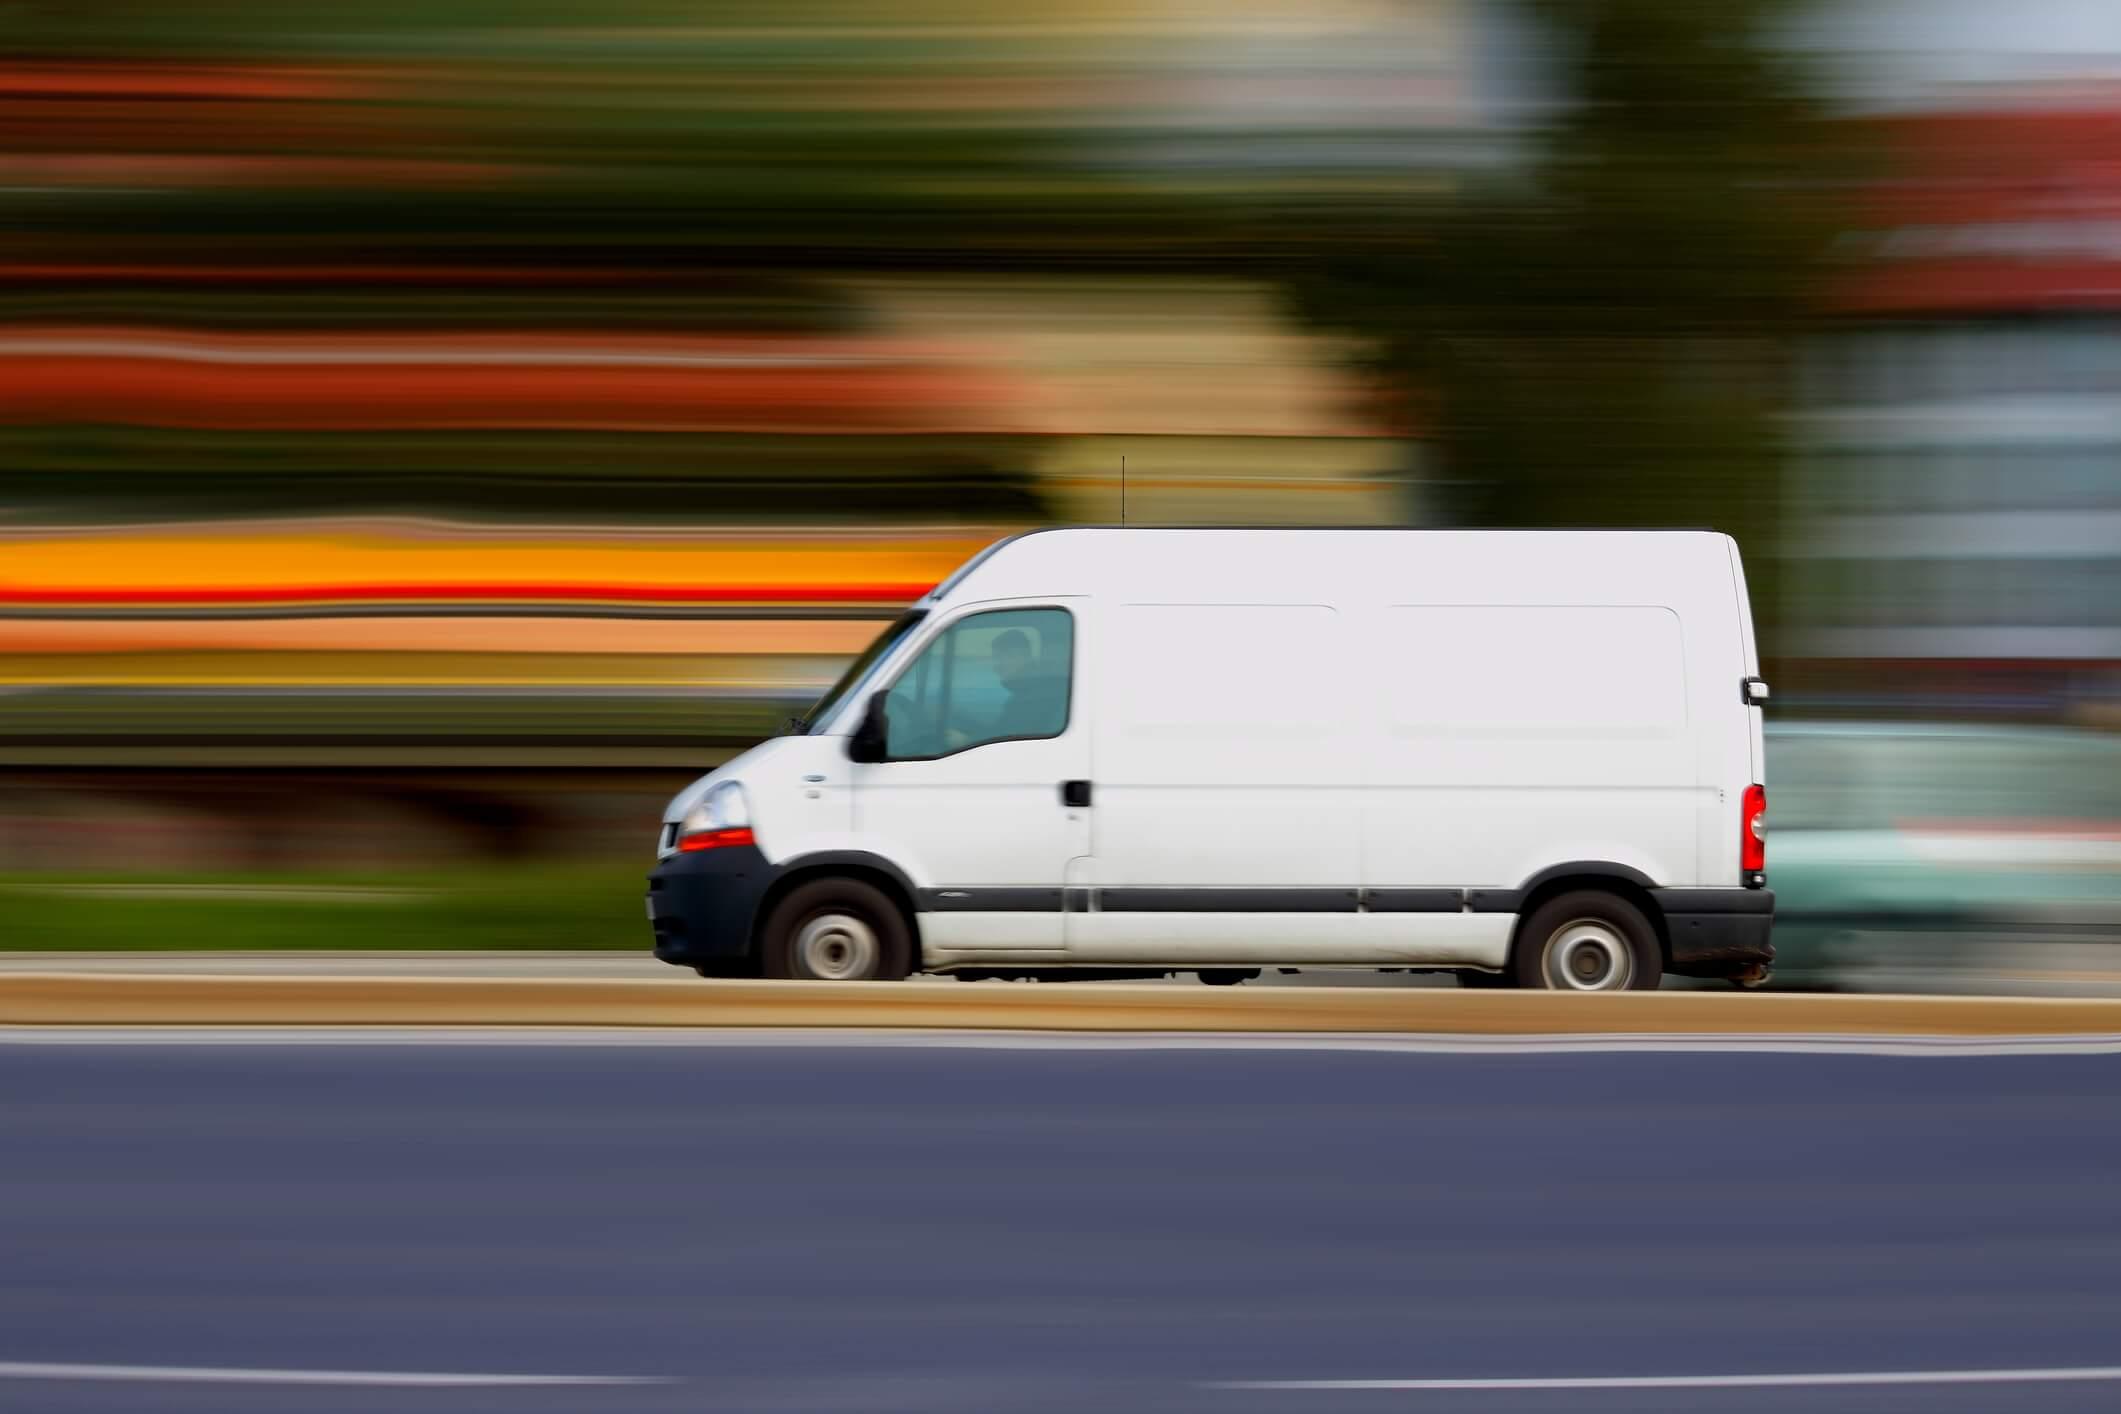 Van driving down road, motion blur of speed.